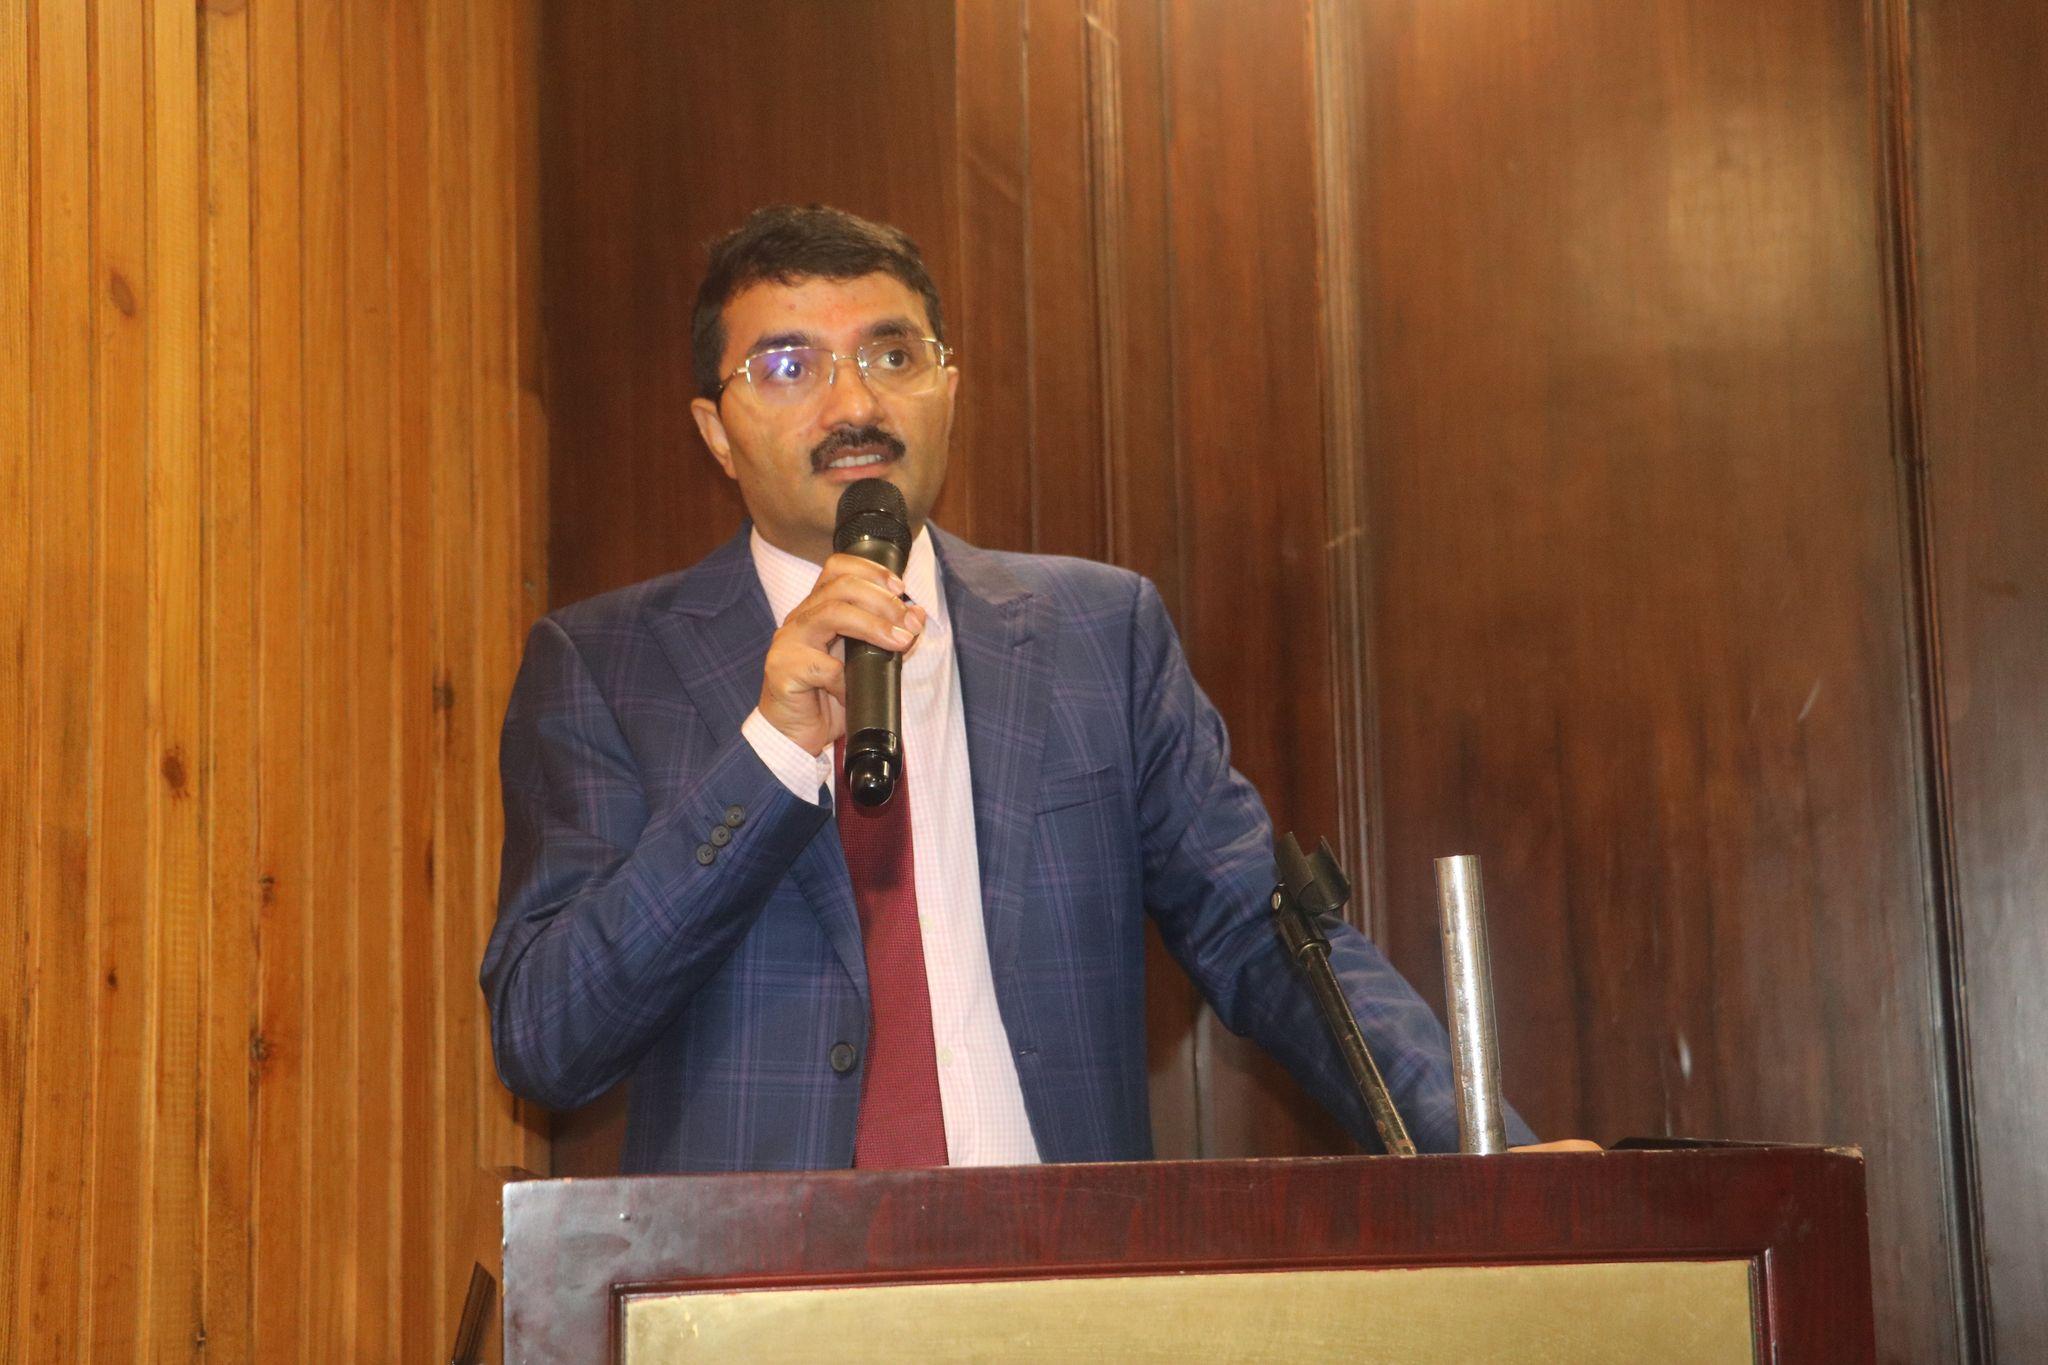 सुरक्षित, मर्यादित र सम्मानित वैदेशिक रोजगारीका लागि उपाध्यक्षमा मेरो उम्मेदवारी : शर्मा